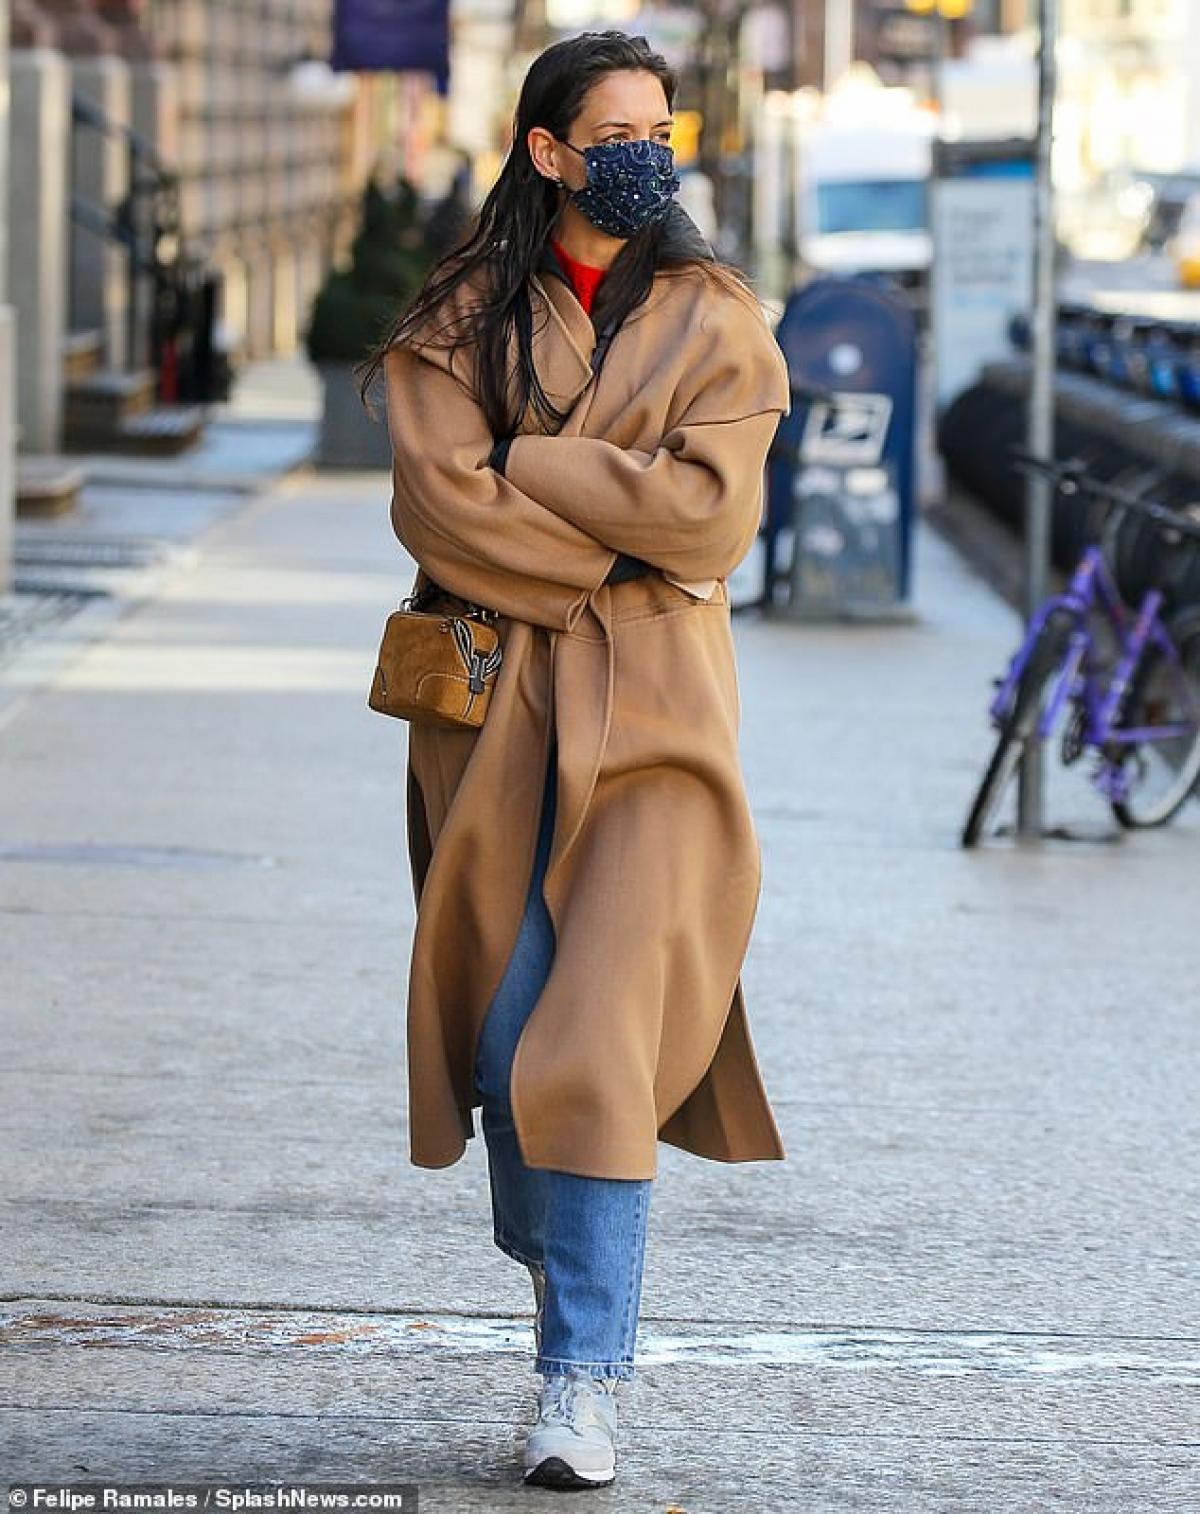 Nữ diễn viên 42 tuổi tự tin để mặt mộc, mặc đồ giản dị xuất hiện trên phố trong tiết trời giá lạnh.